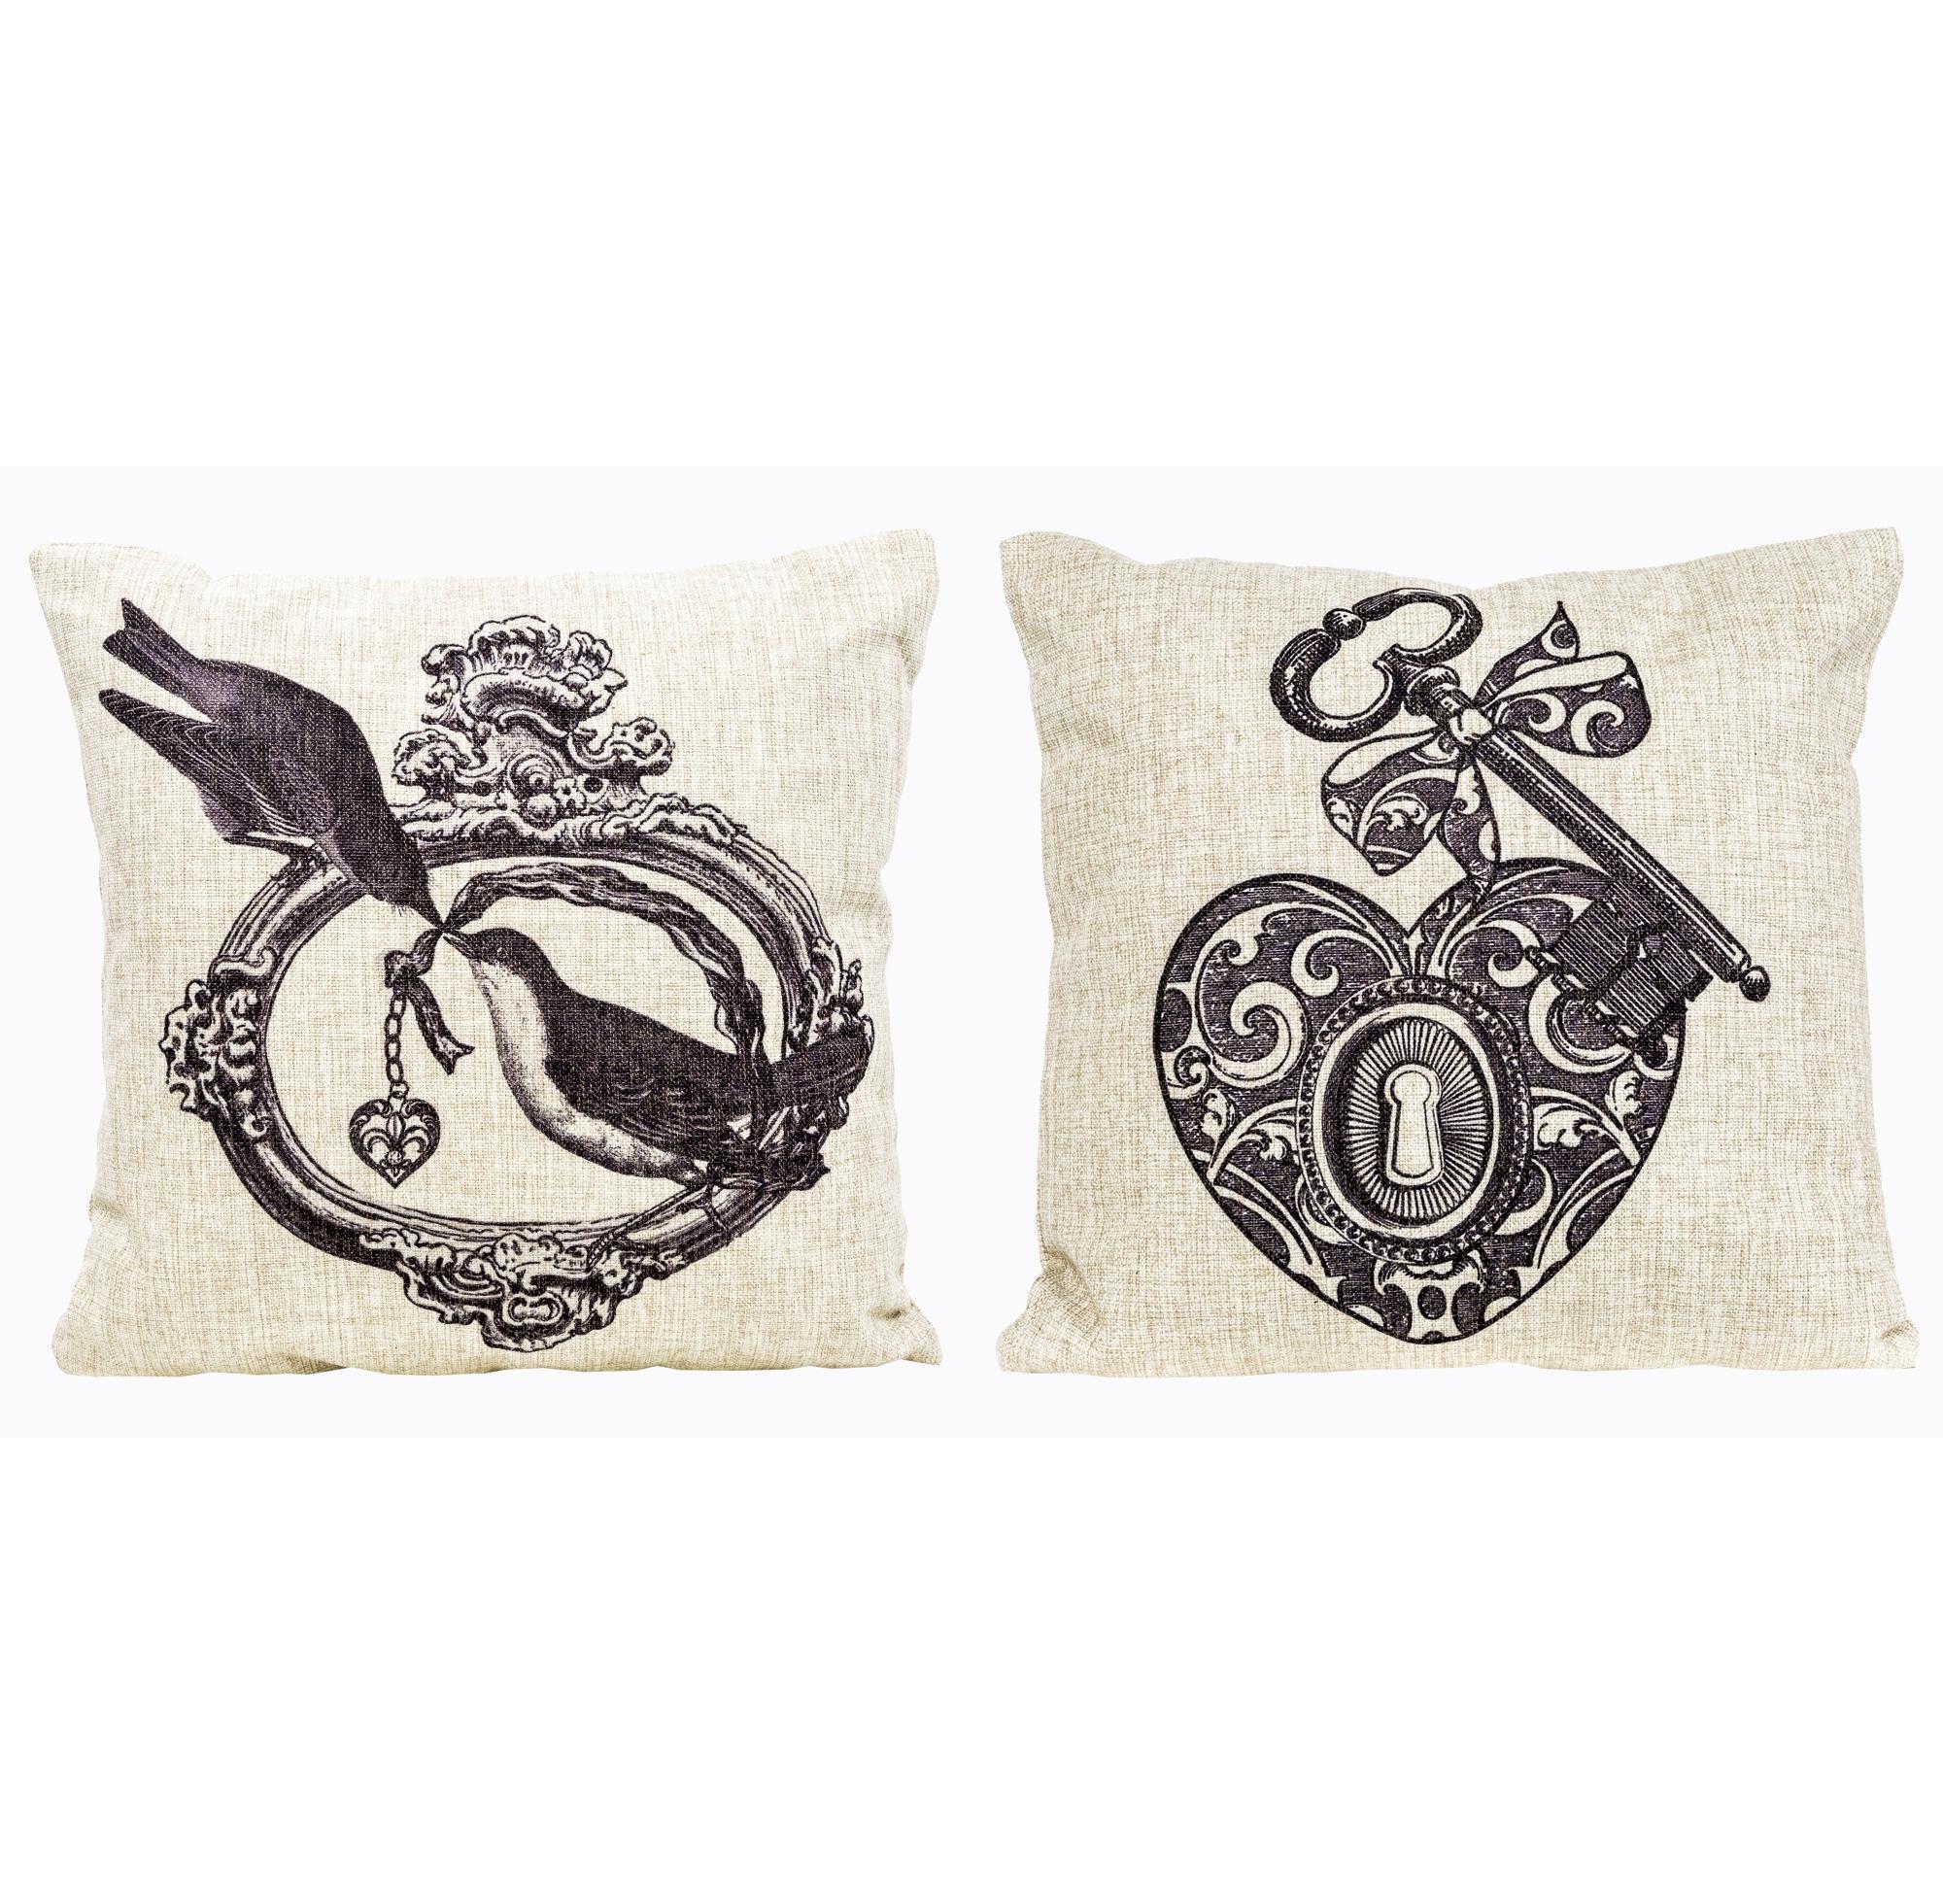 Набор из двух декоративных подушек Старинная гравюра, версия 1Квадратные подушки и наволочки<br>Декоративные  подушки «Старинная гравюра»  - небольшая, но значимая деталь интерьера, наполняющая его яркостью, теплом и изыском. Мягкие подушечки, как знак комфорта, уюта и гостеприимства, всегда желанны в гостиных, спальнях и холлах. Создайте же в своем доме сказочный уголок, - теперь у Вас есть всё необходимое.  Красота Вашей подушки зависит не только от изысканного рисунка, но и от настоящего качества ткани, сохраняющей подушке правильную аккуратную форму.<br><br>Material: Лен